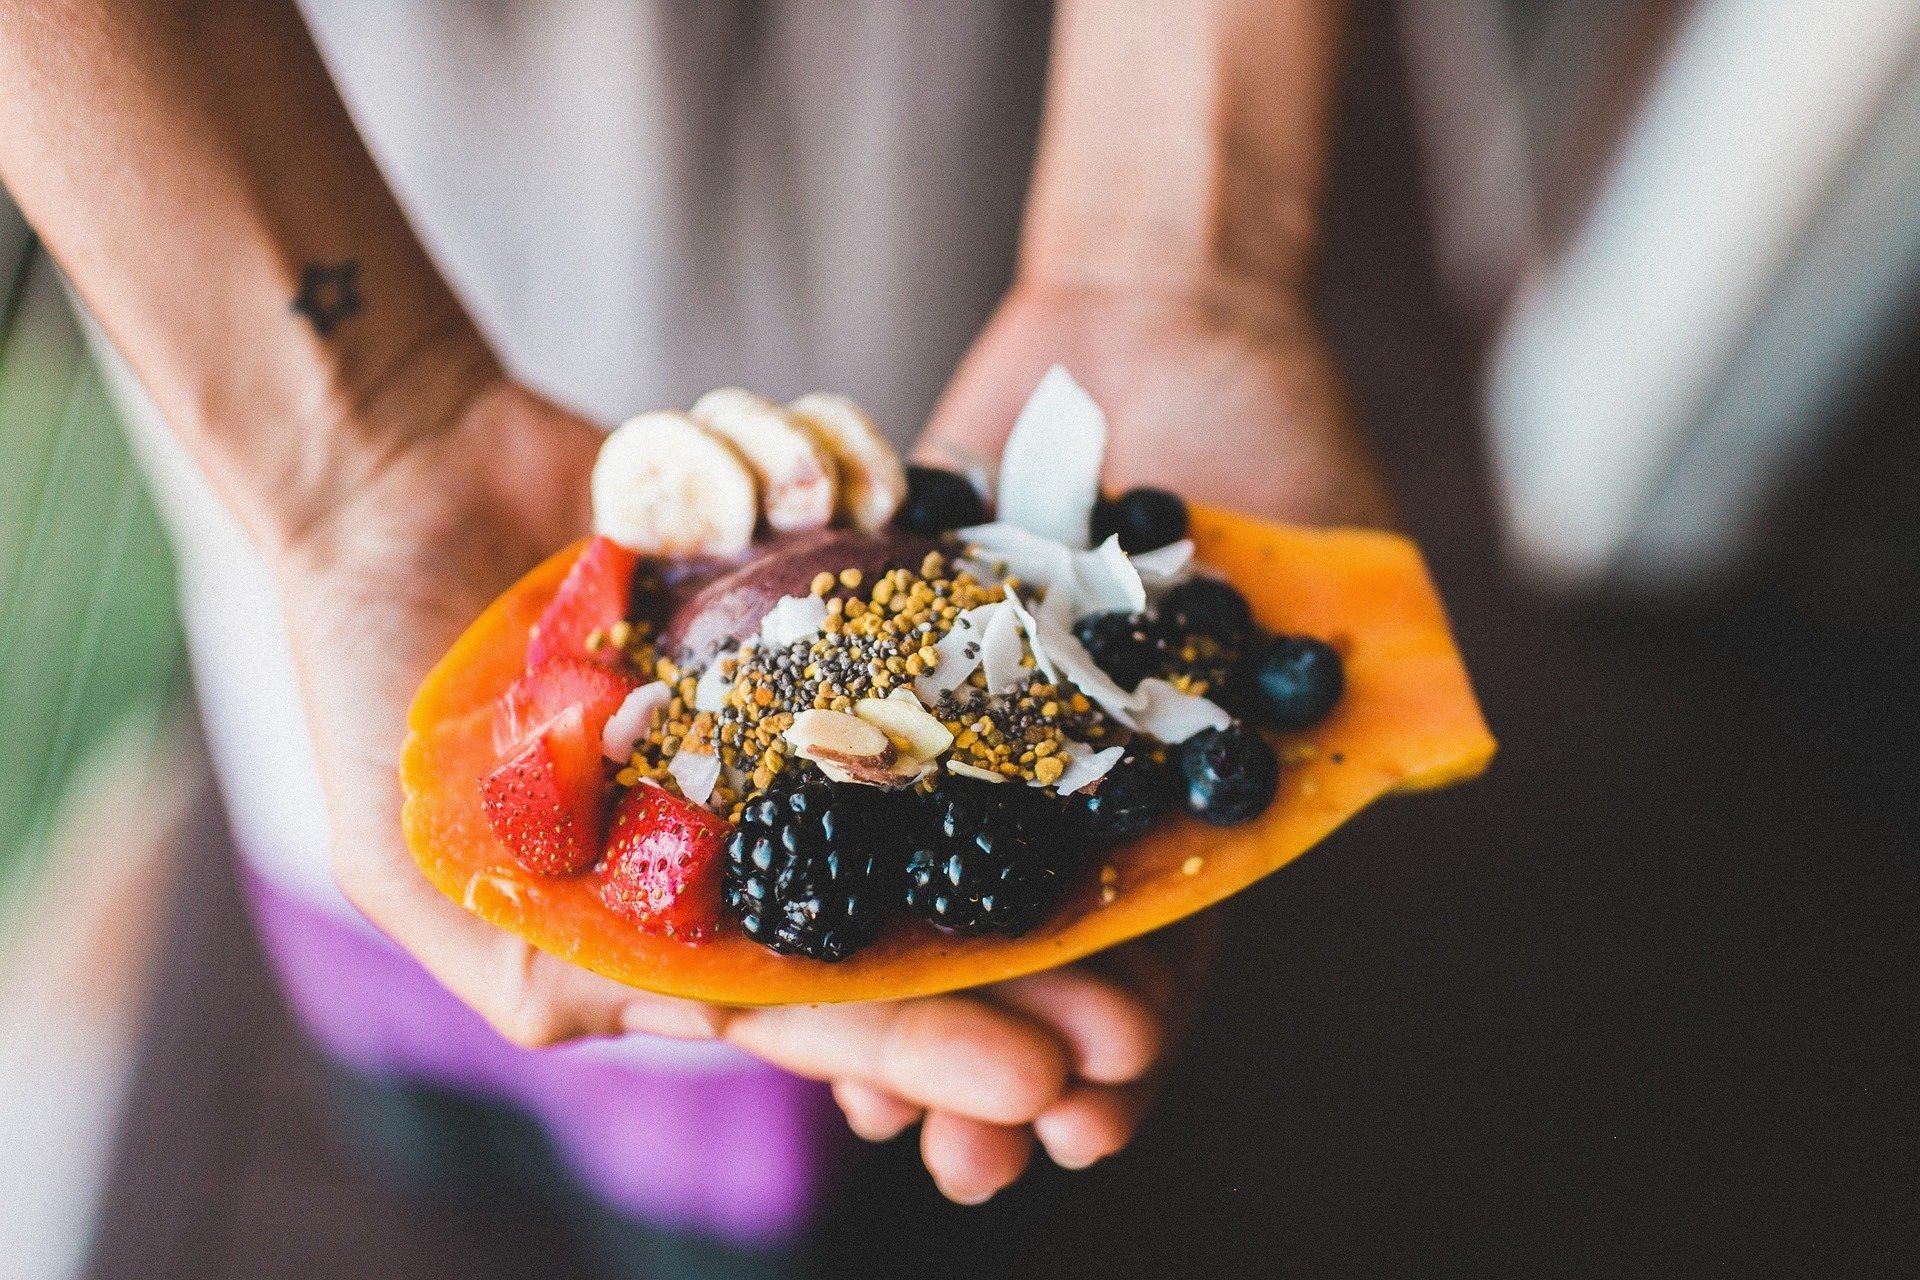 Alimentazione: sostenibilità farà rima con innovazione - di Isabella Ceccarini